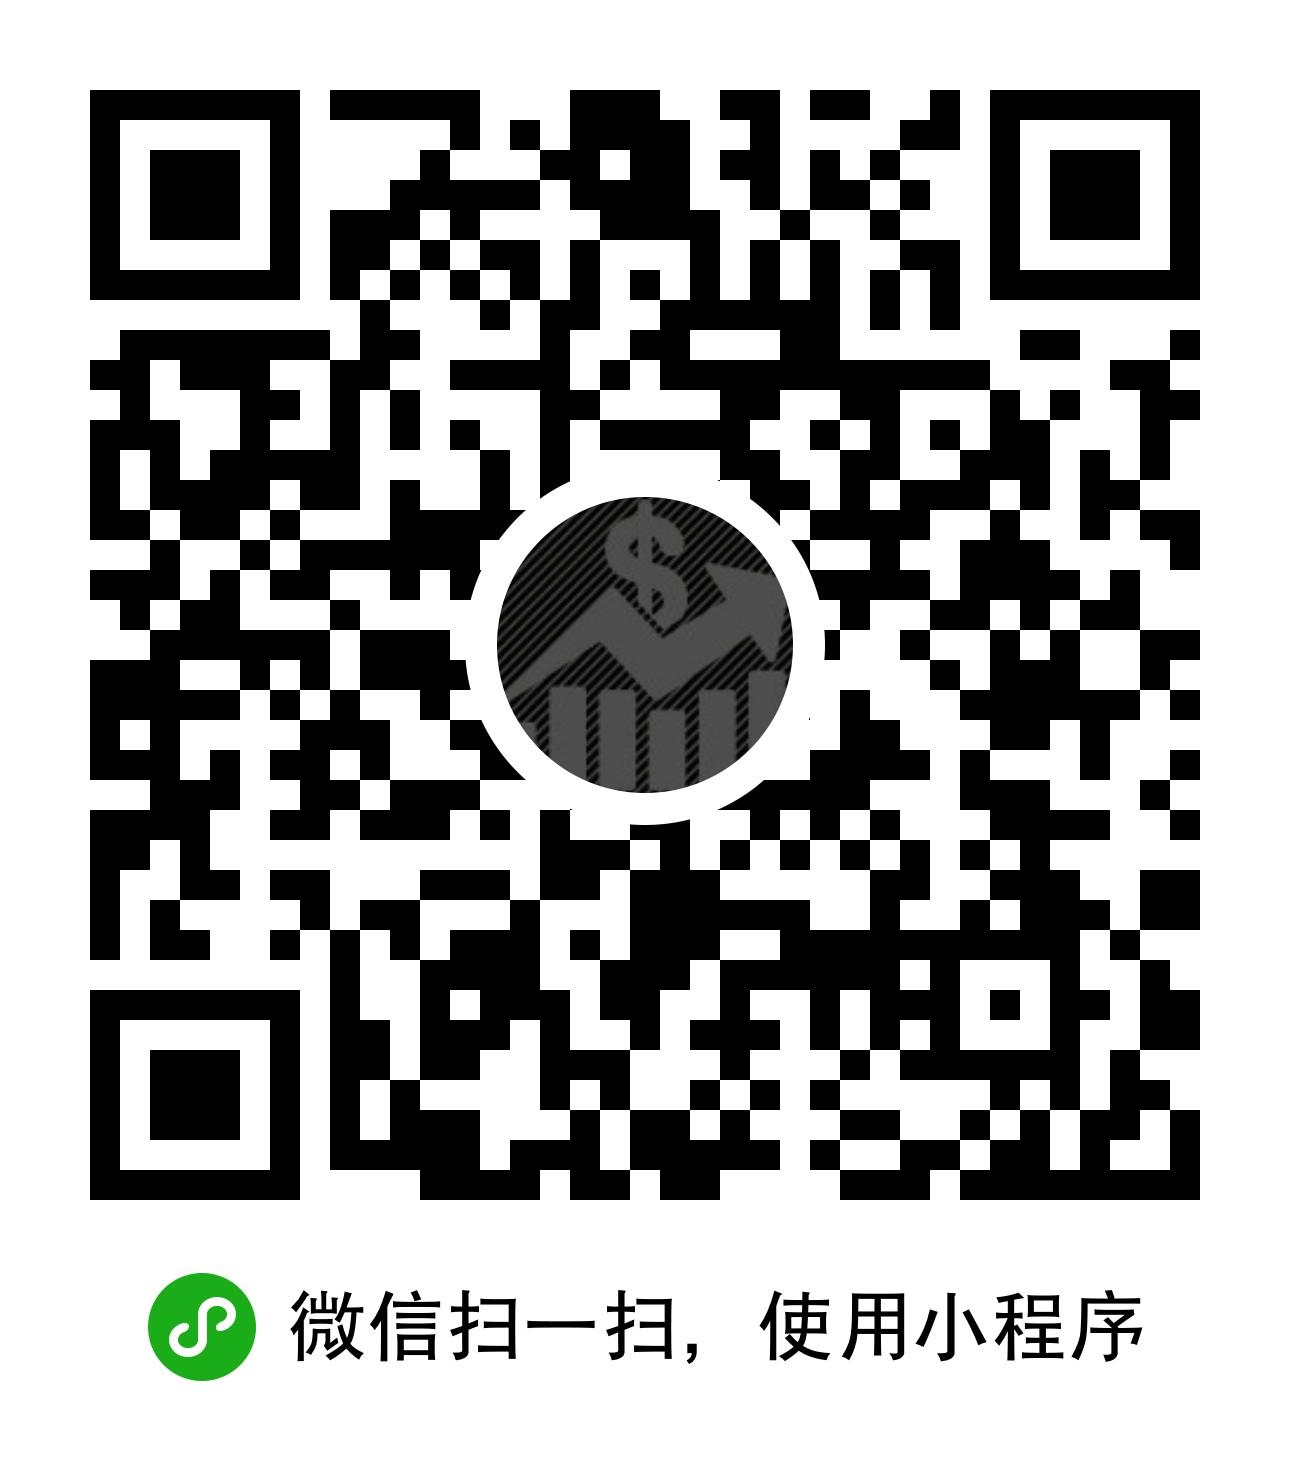 小程序港股交易二维码